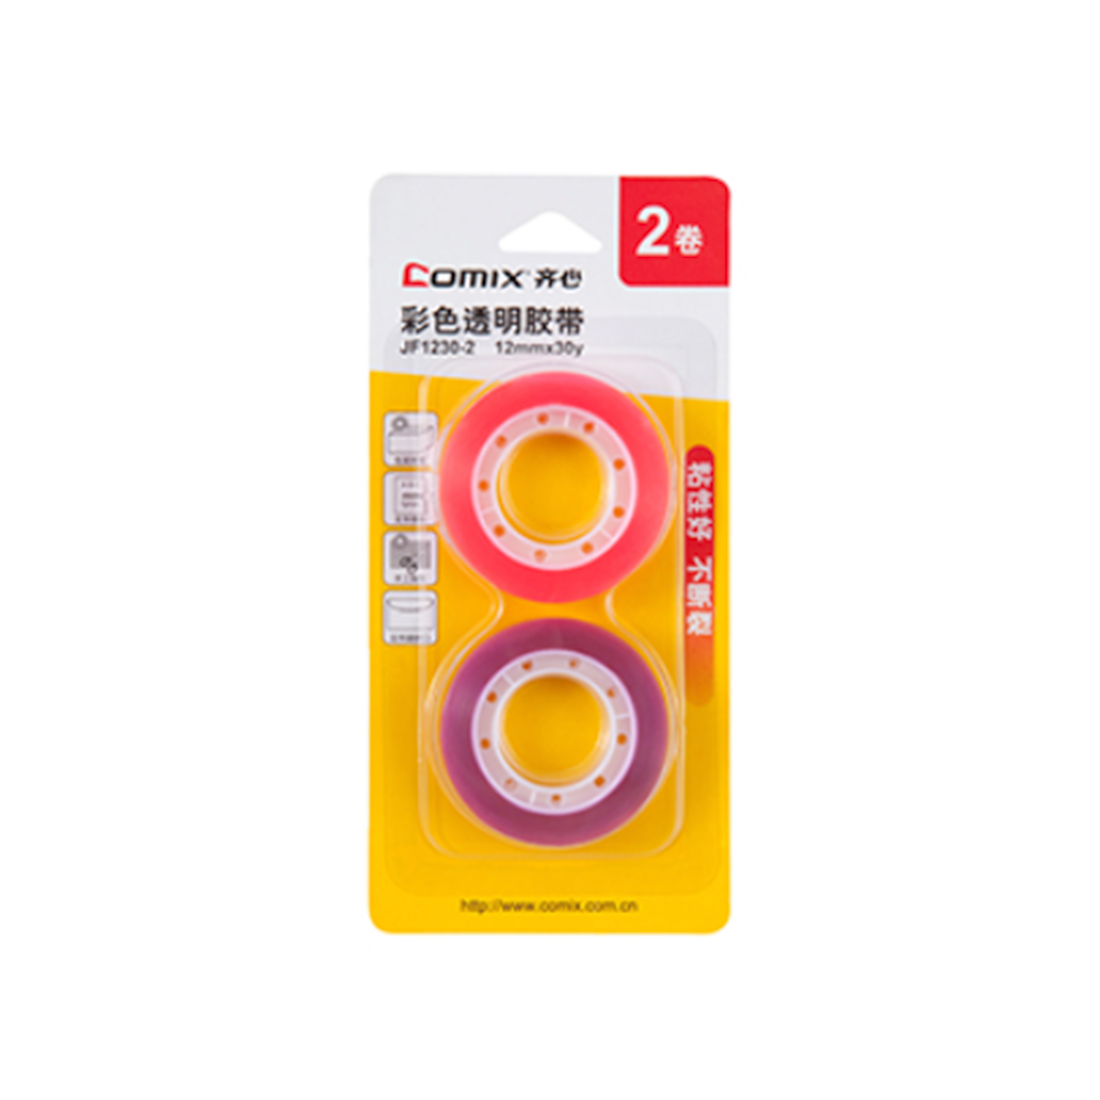 Блистер клейких лент (Скотч) Comix JF1230-2, 12 мм.*18.2 м. (2 ленты)